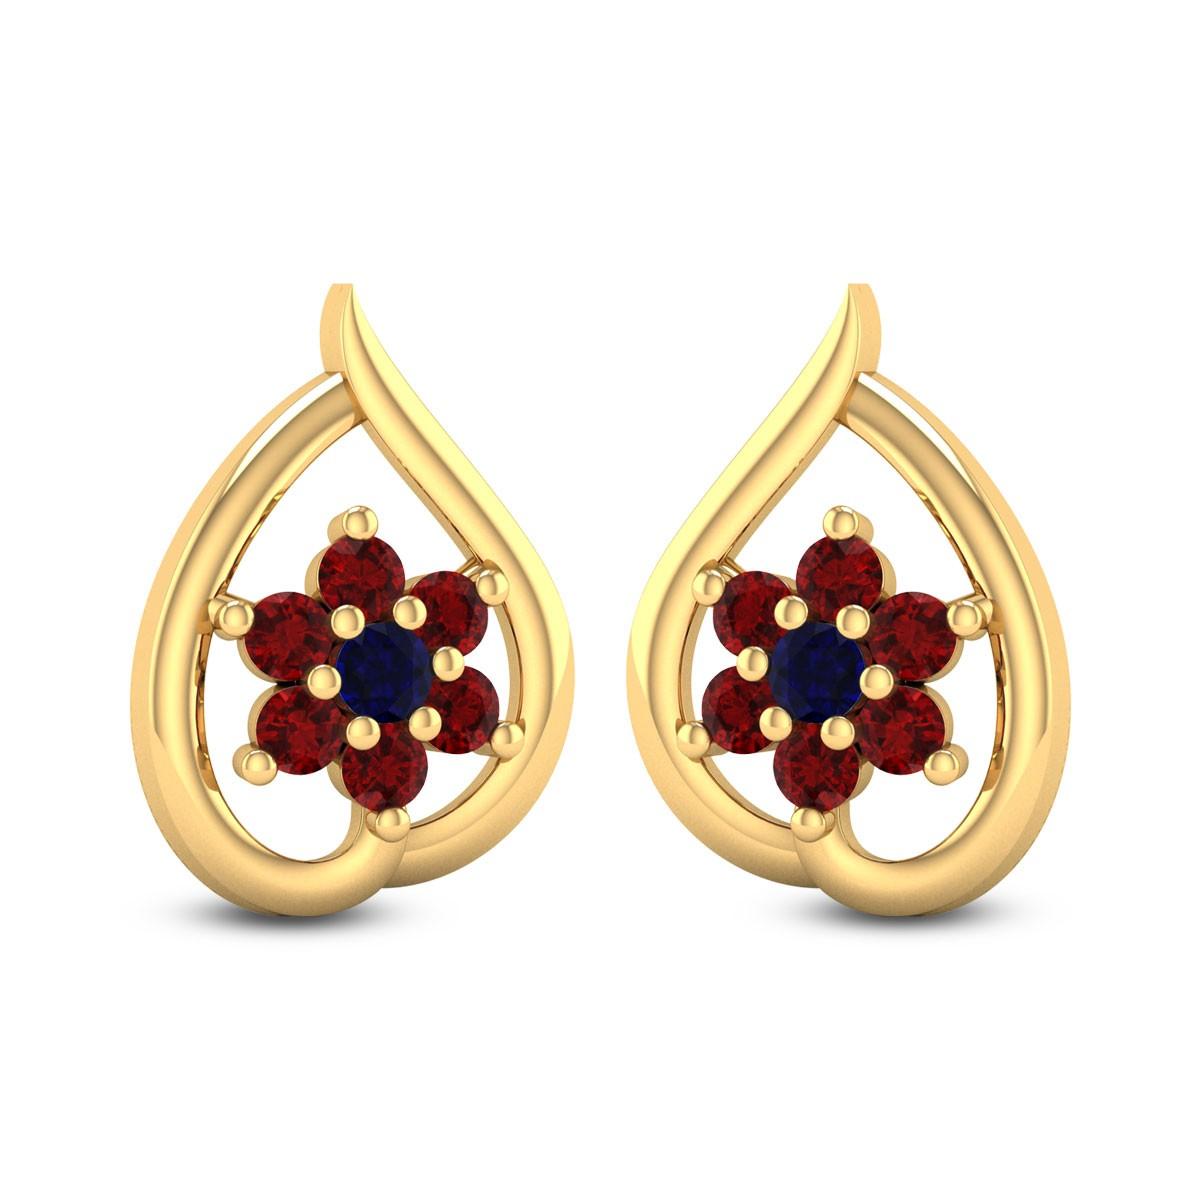 Franca Royal Stud Earrings